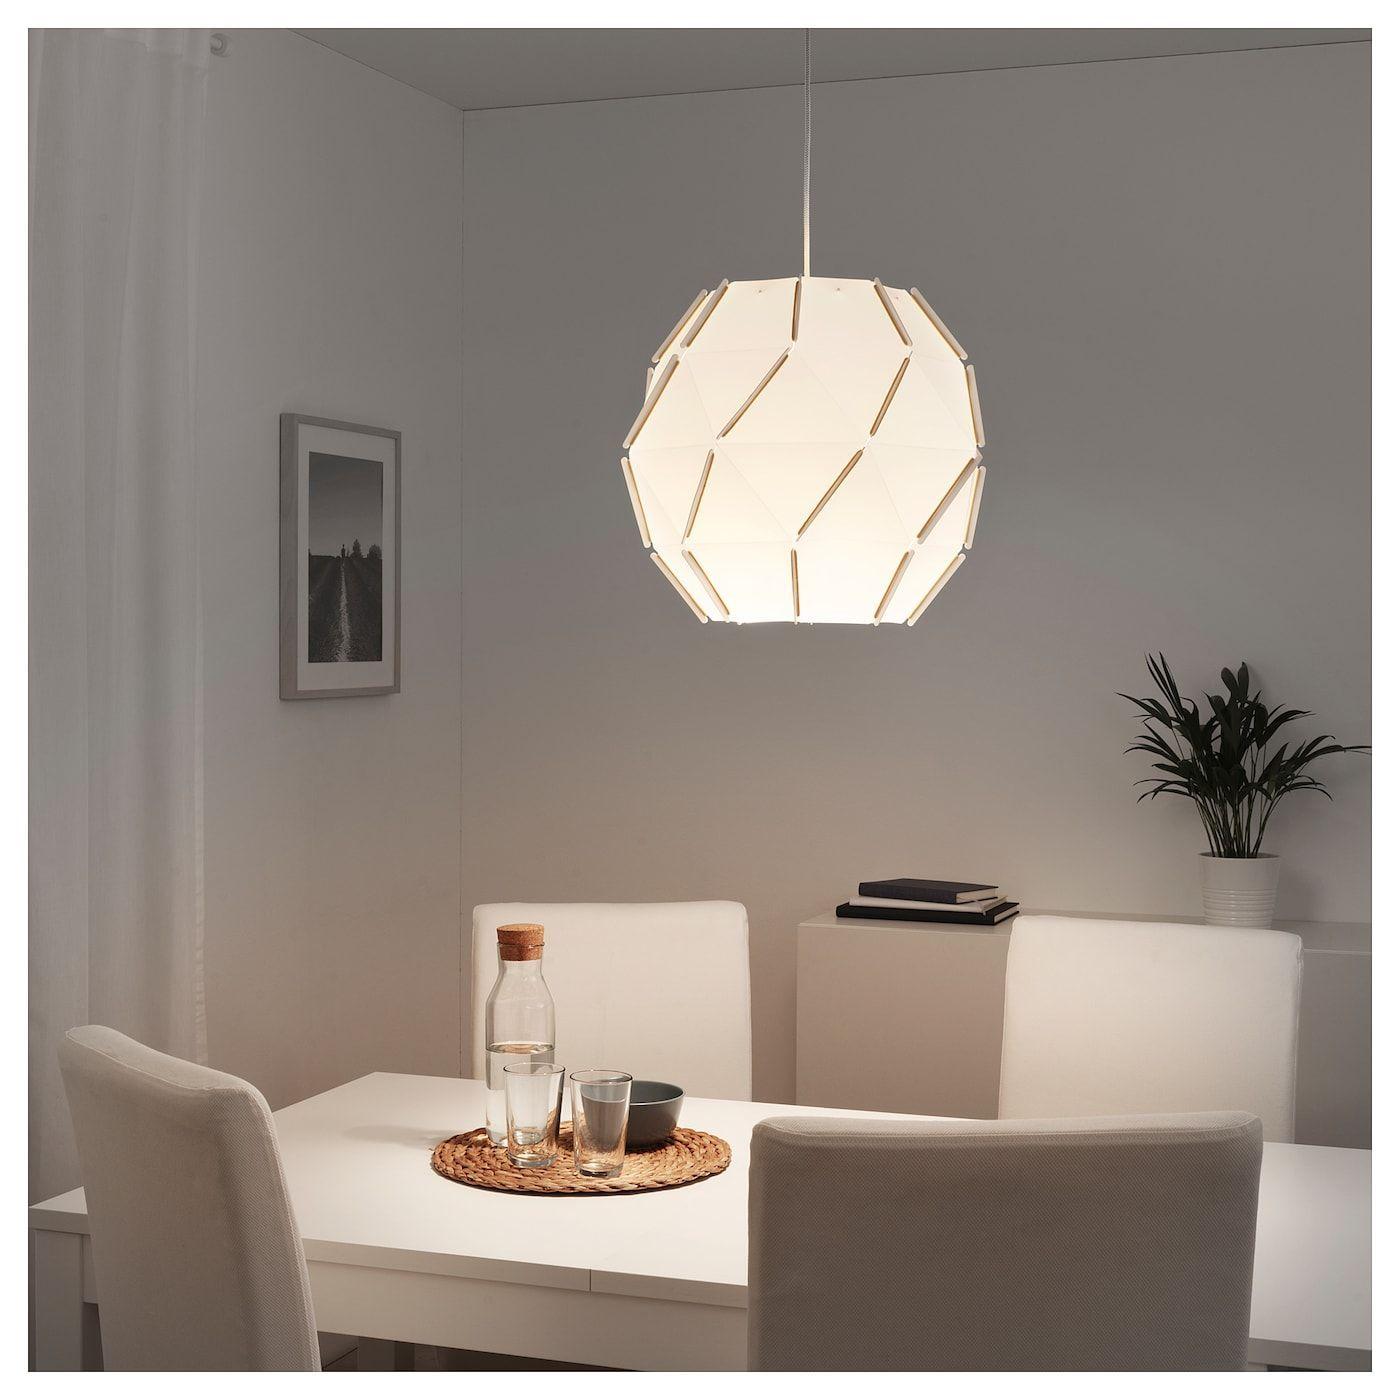 SJÖPENNA Pendant lamp round IKEA #esszimmerlampe IKEA